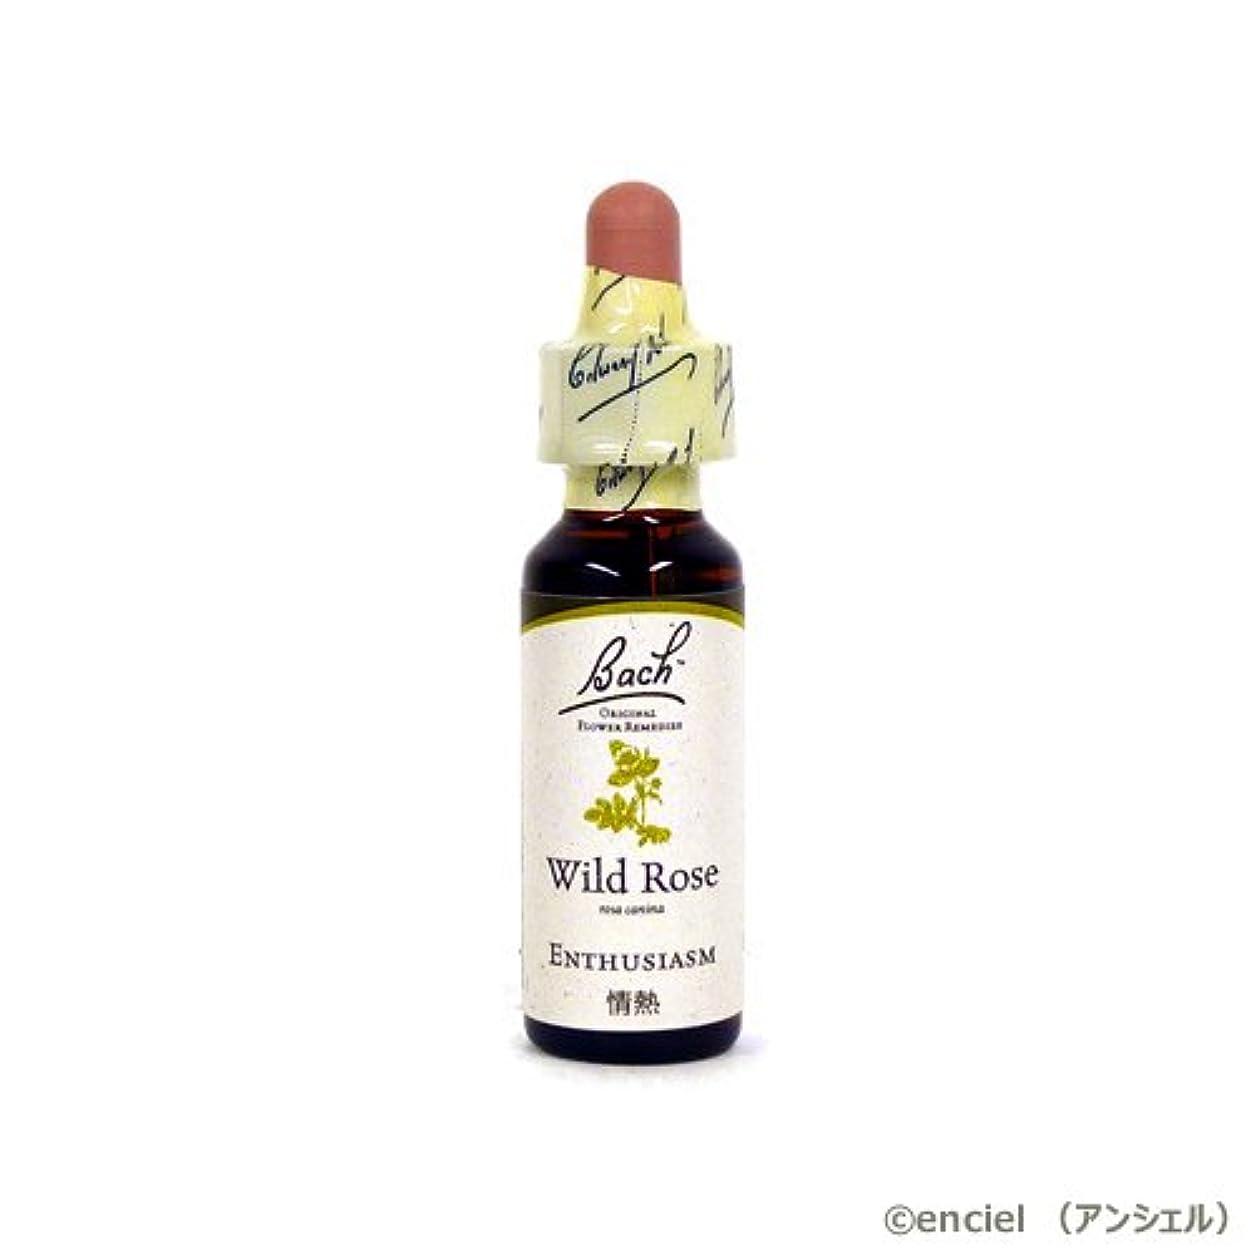 輝度衝撃銅バッチフラワー レメディ ワイルドローズ 10ml グリセリンタイプ 日本国内正規品